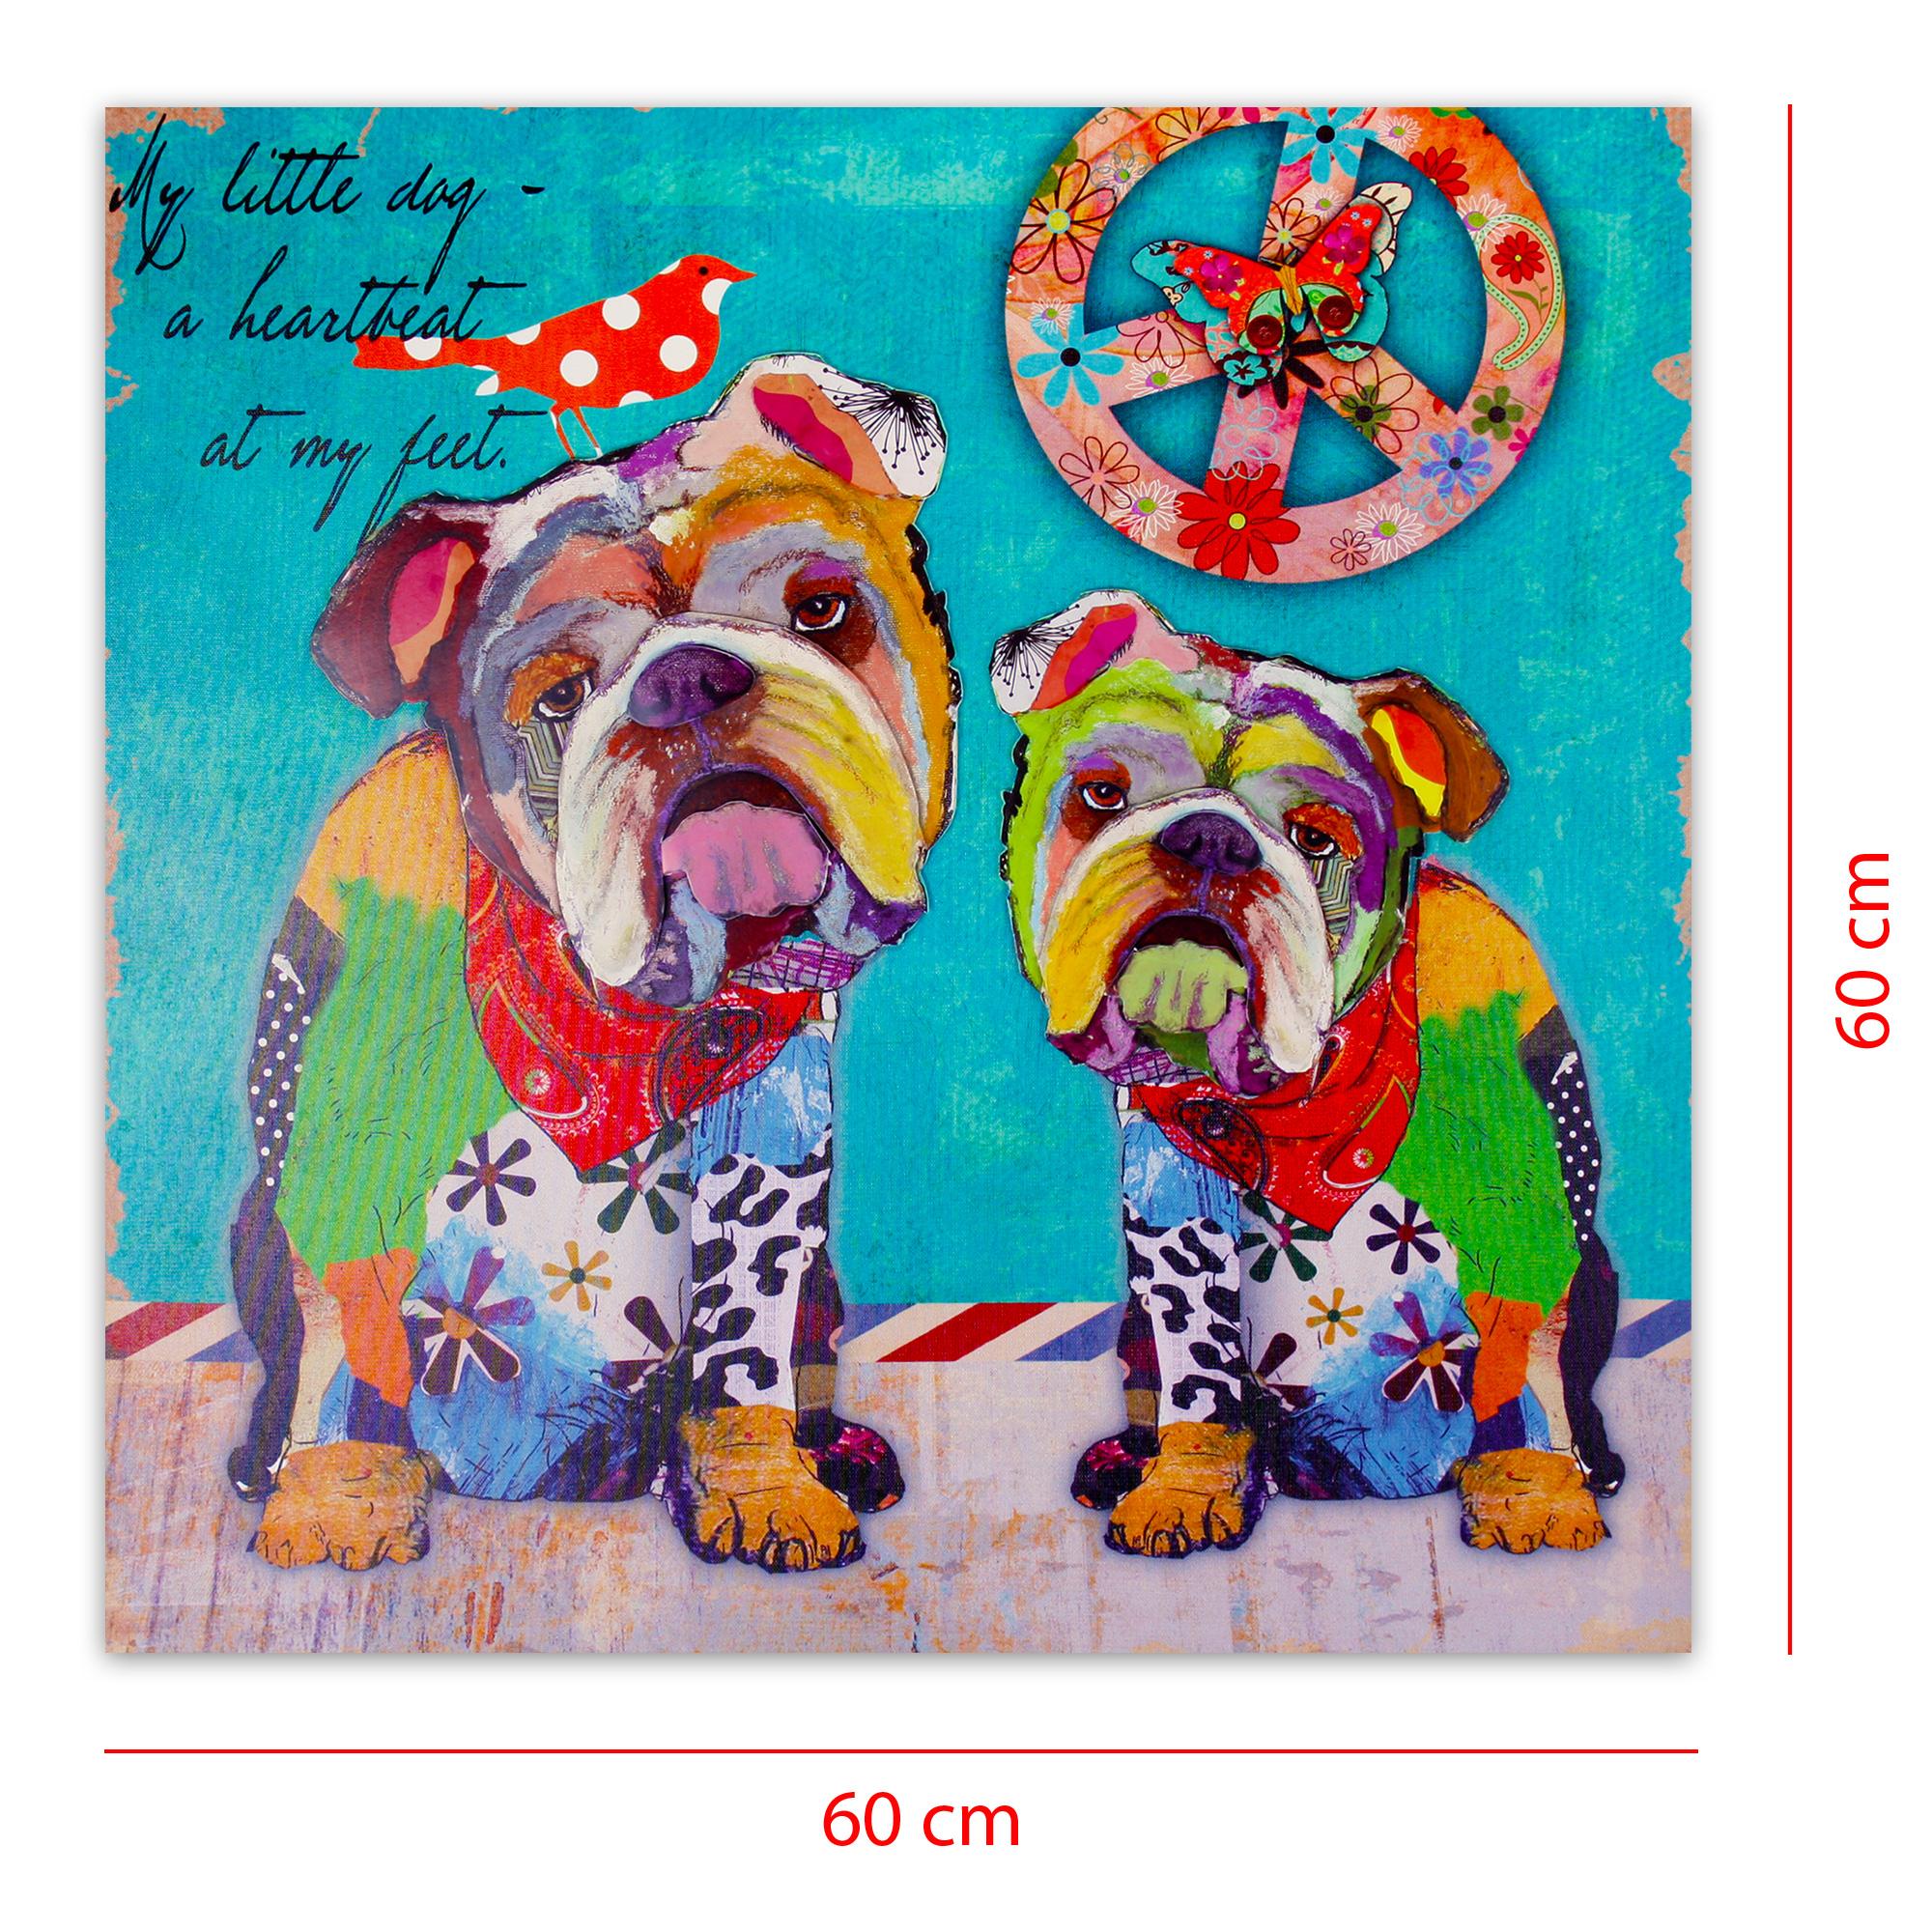 Moderner kunstdruck auf leinwand mit 3d applikationen 60 x 60 cm hippie bulldogs ebay - Moderner kunstdruck leinwand ...